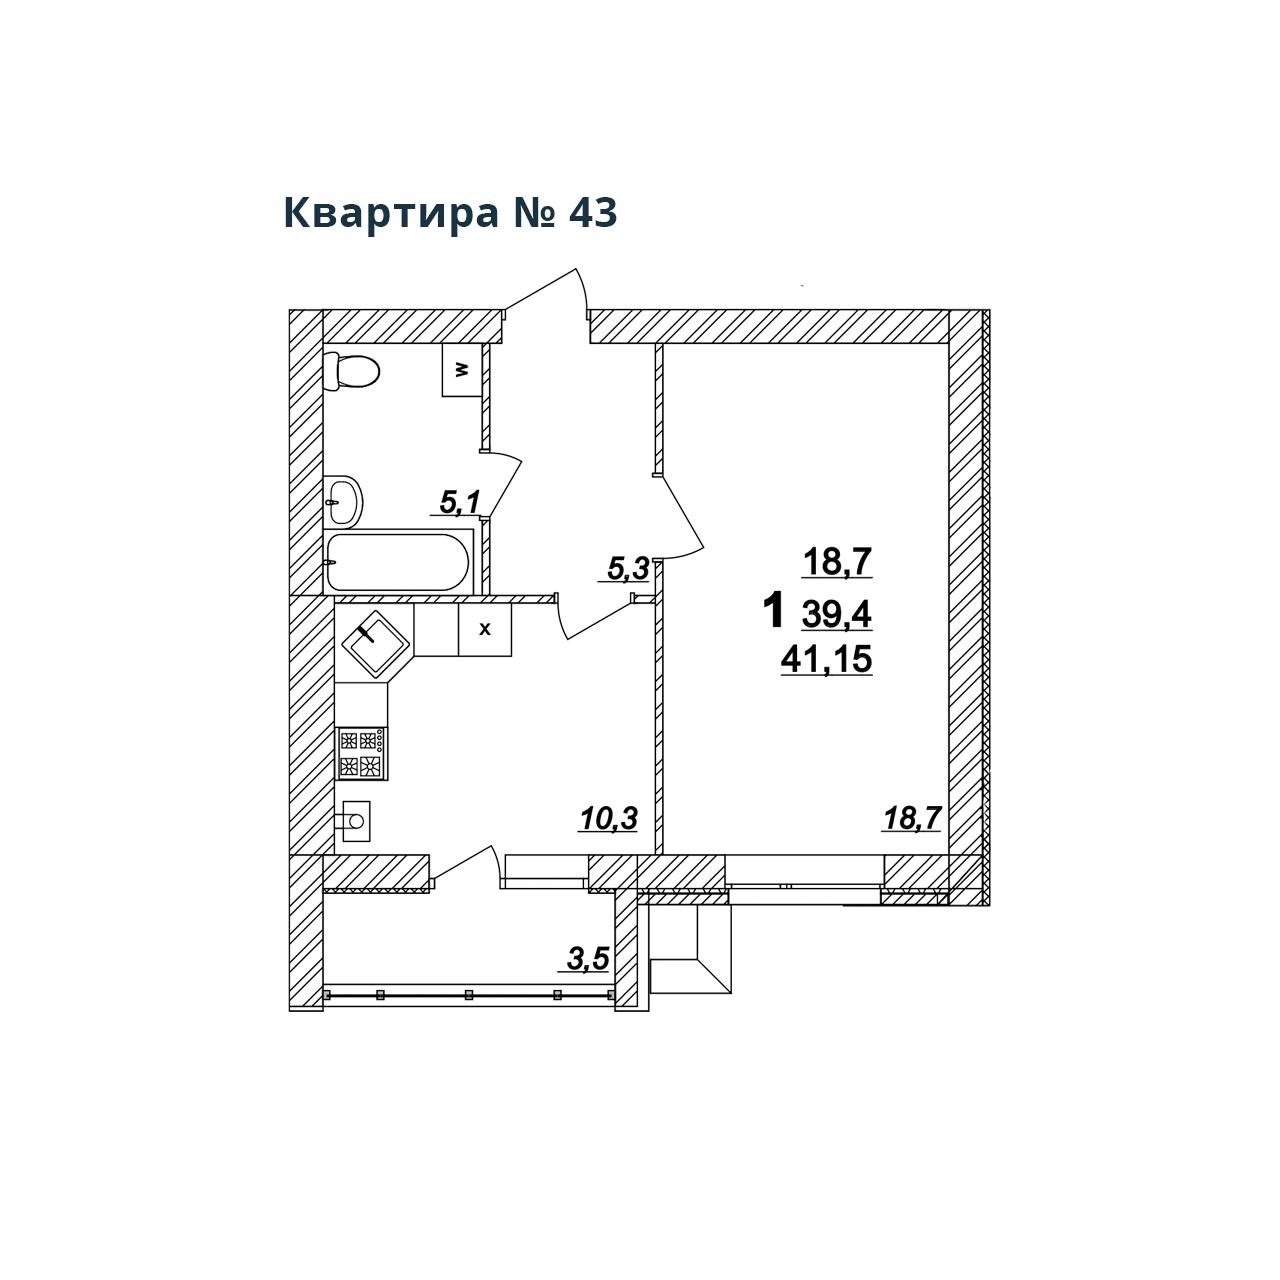 Квартира №43